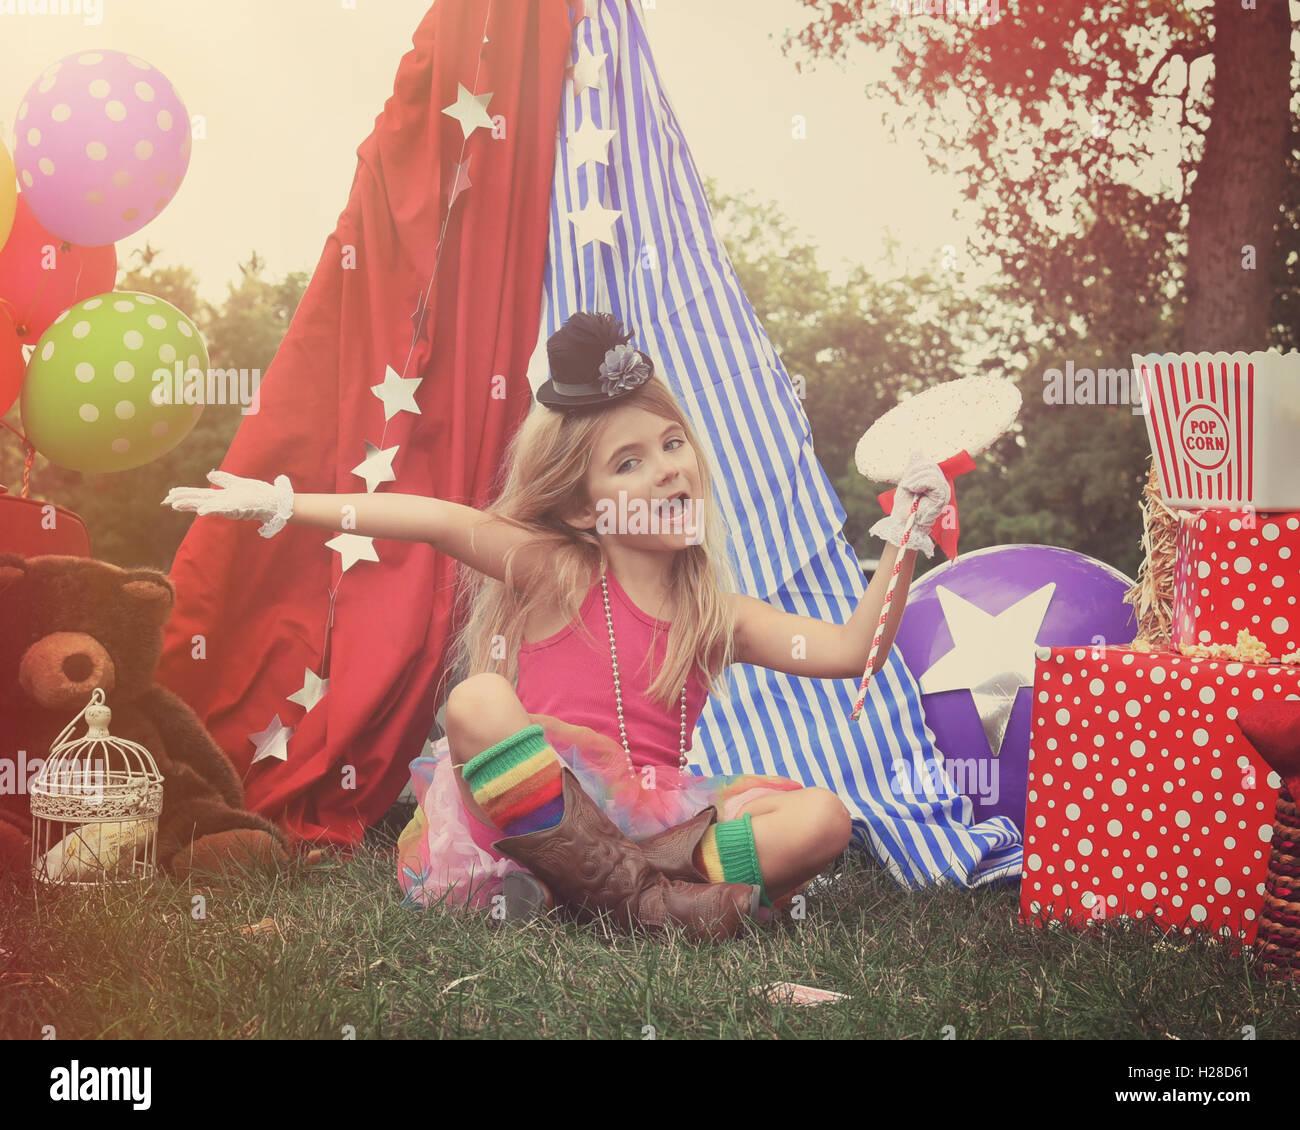 Un petit enfant fait semblant de pratiquer à un arrière-plan le thème du cirque avec des ballons pour une partie de l'imagination, l'art ou anniversaire con Banque D'Images